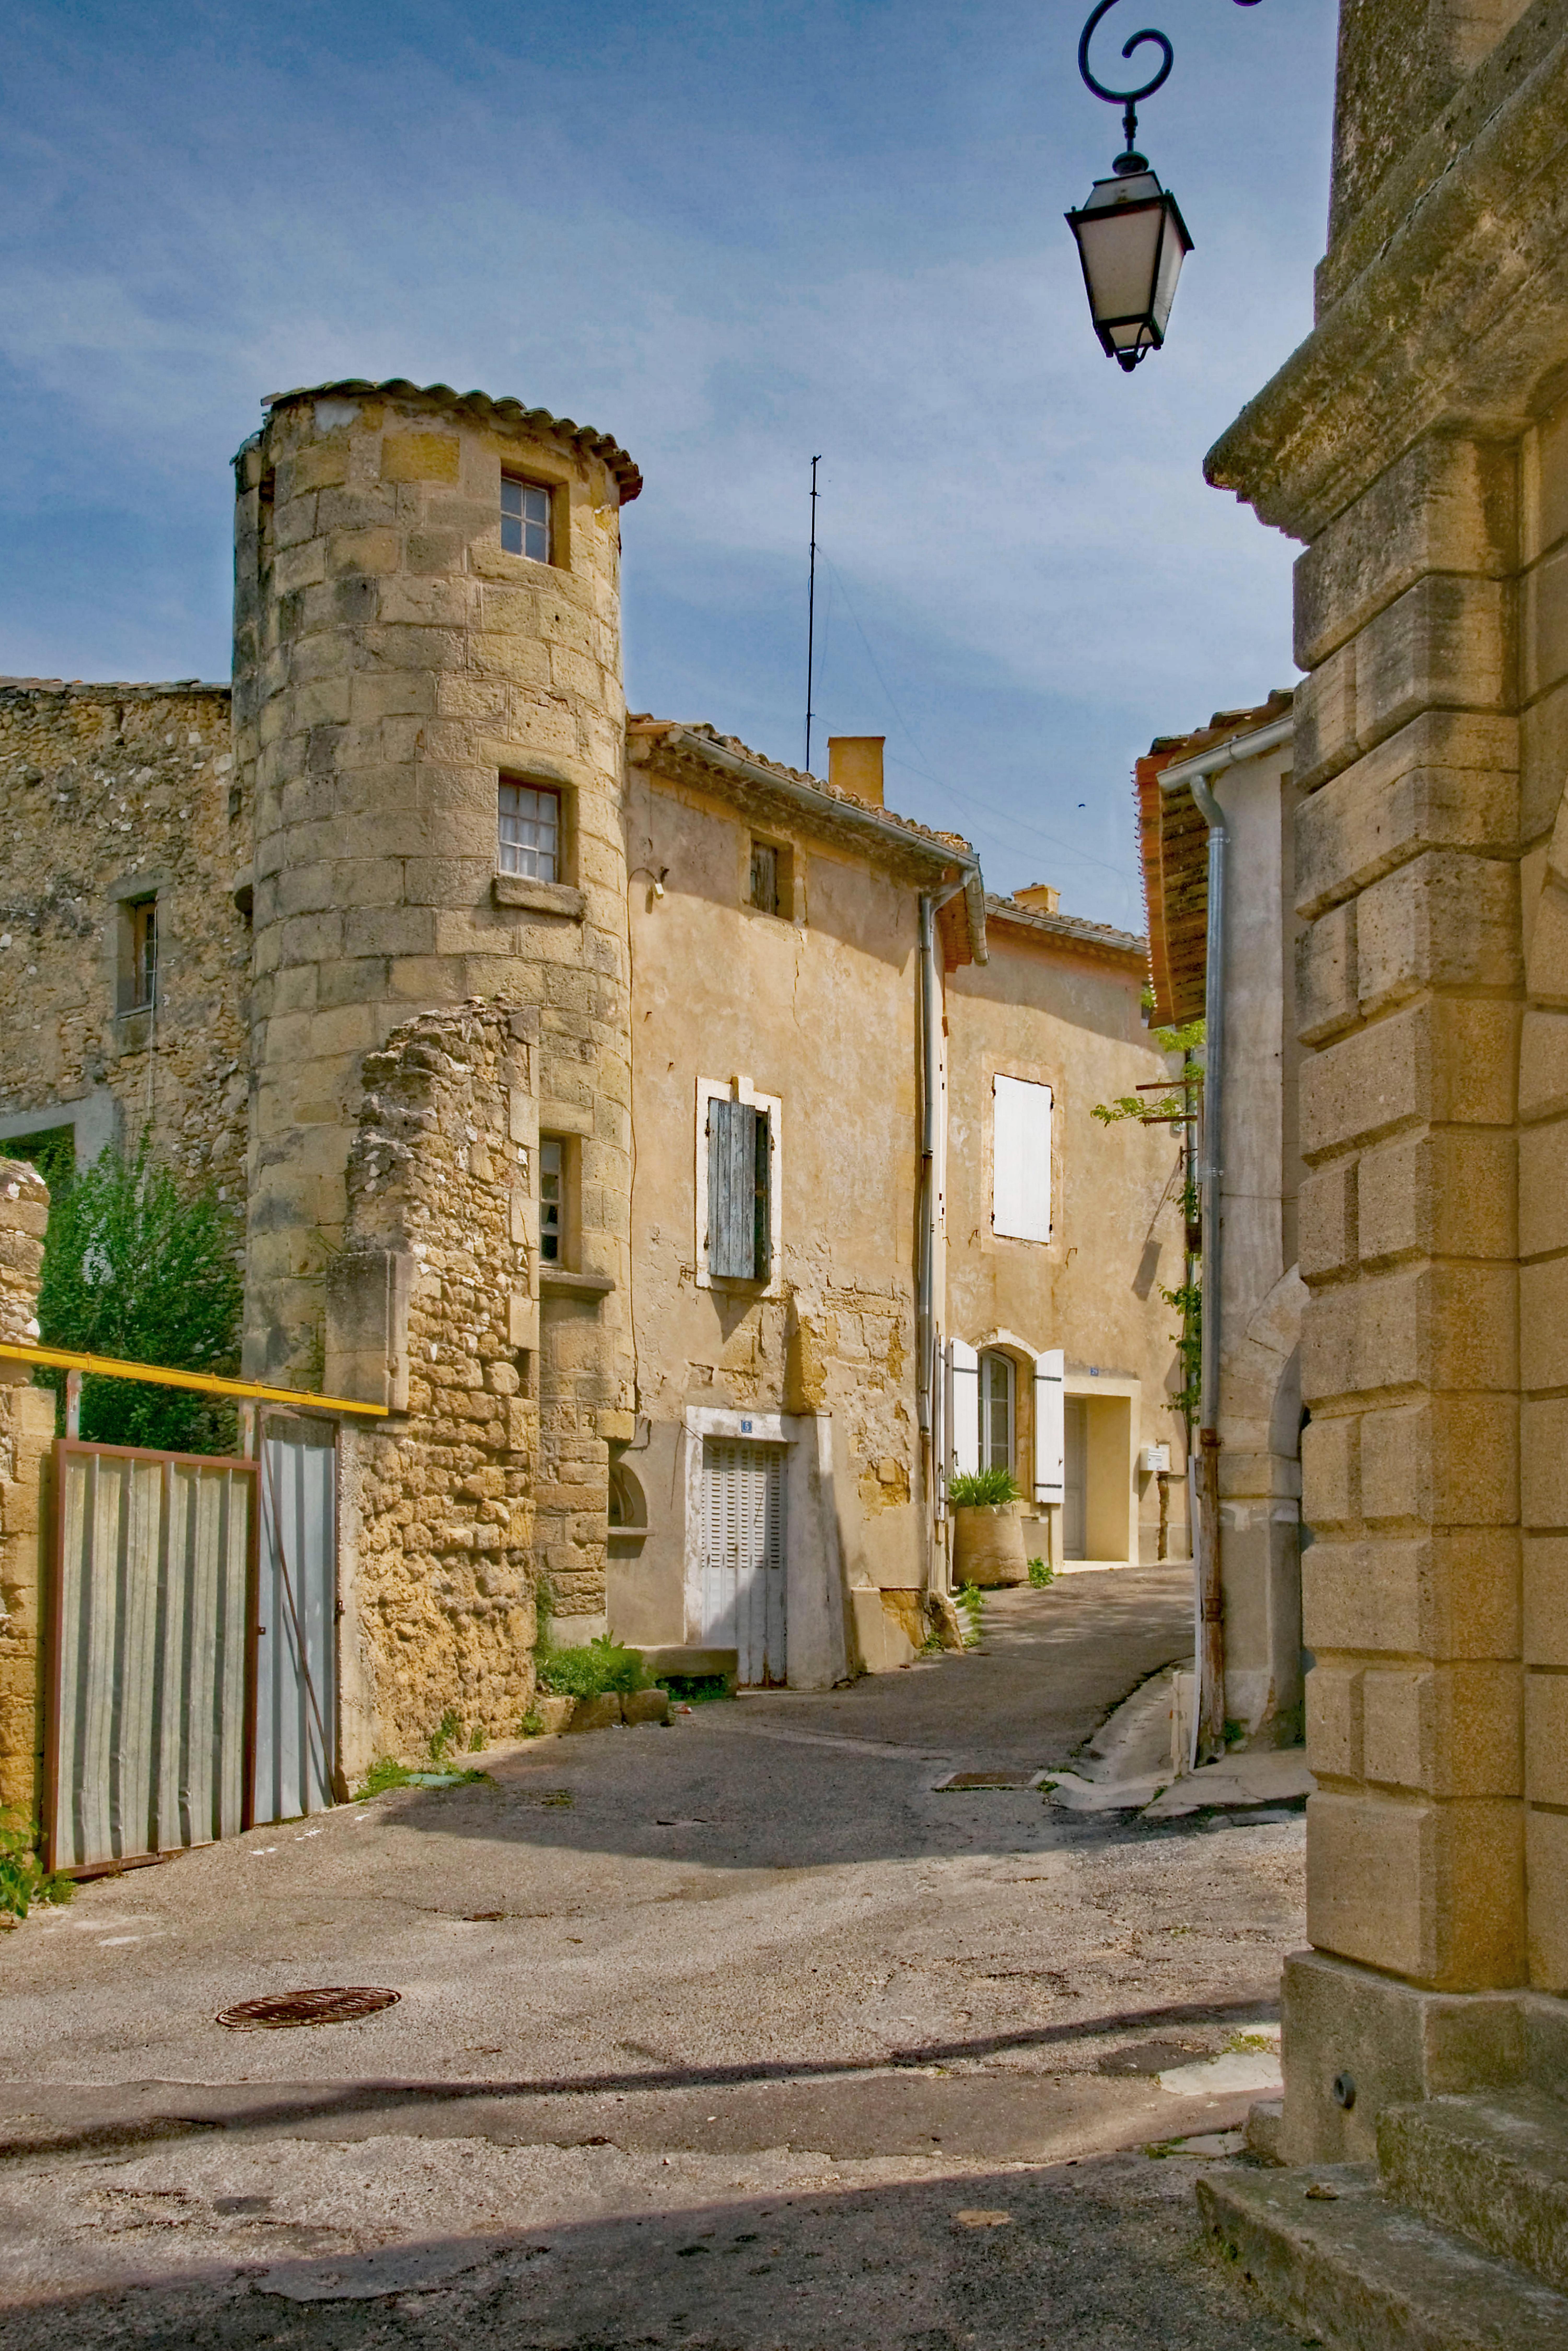 St. Bonnet du Gard